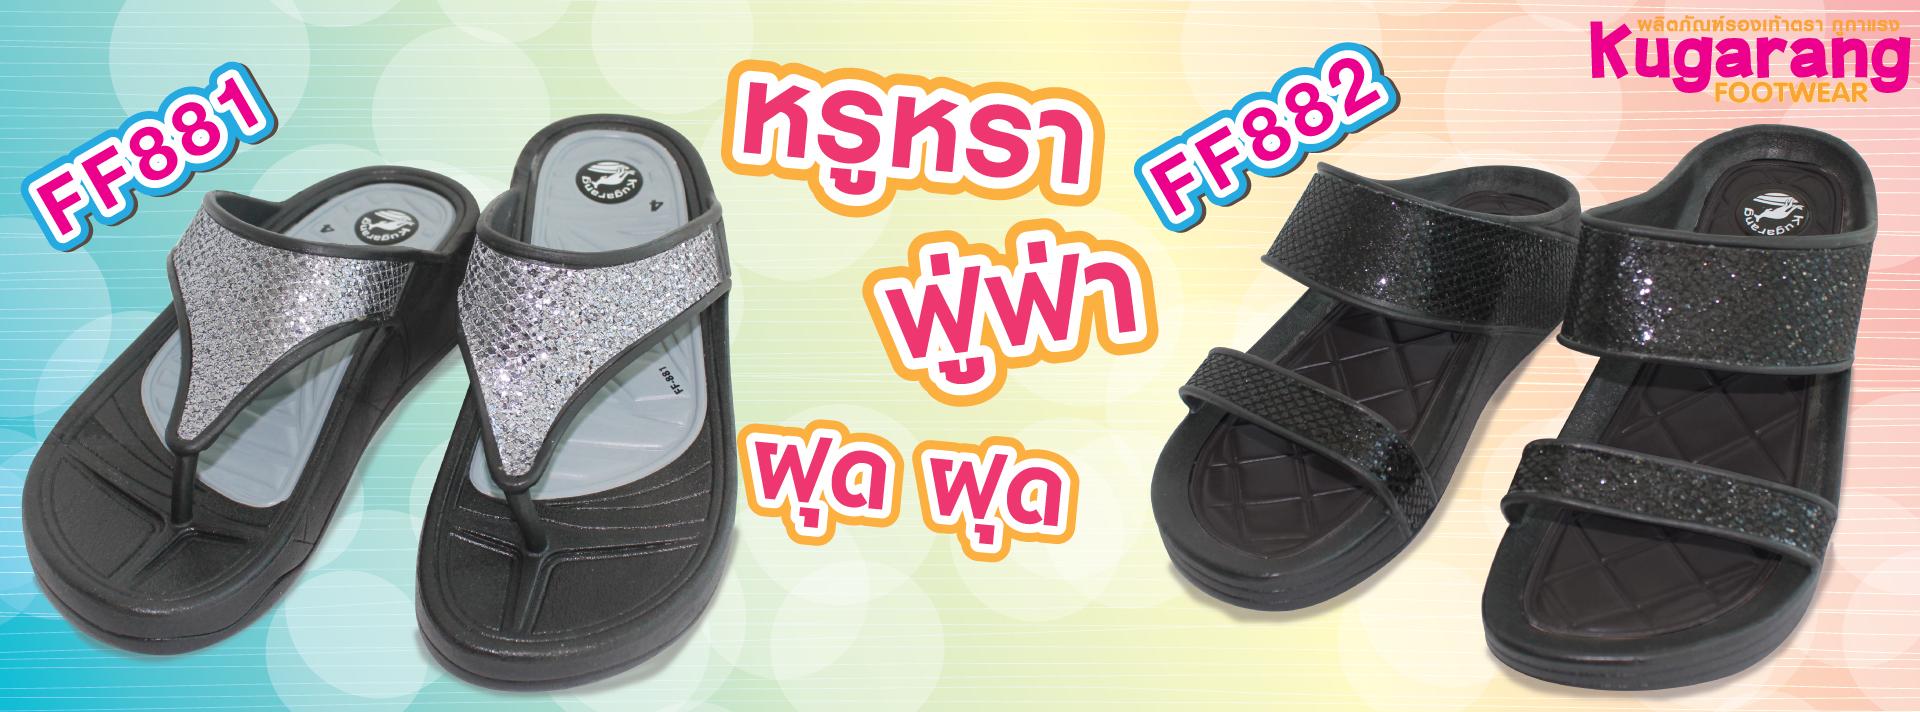 Shoes-FF881-882